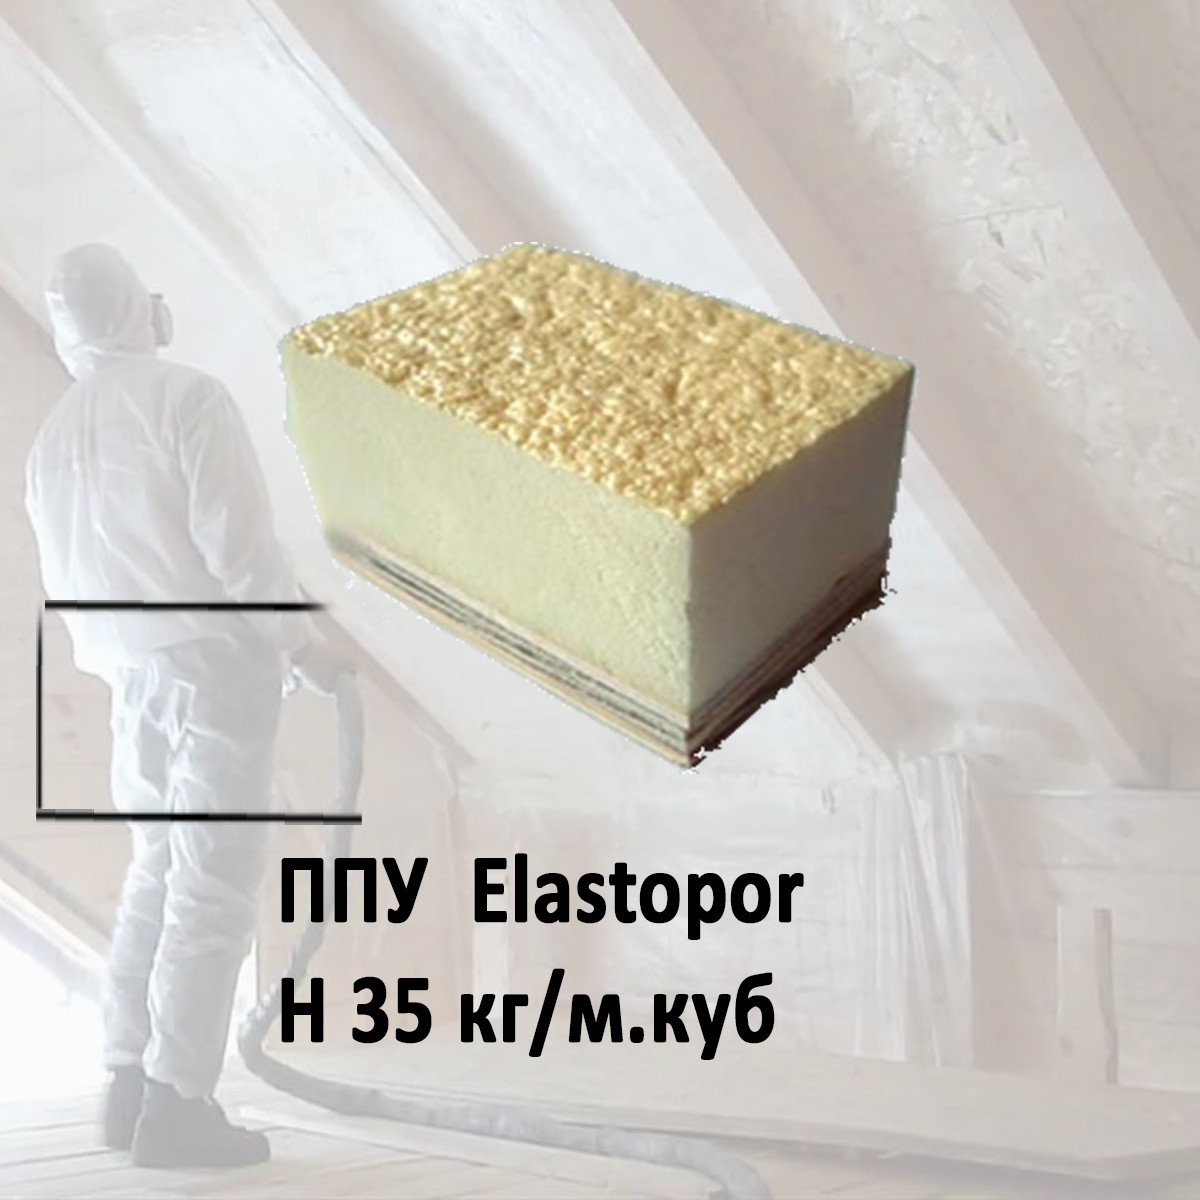 Теплоизоляция Пенополиуретаном Elastopor H 35 кг/м.куб многоэтажек